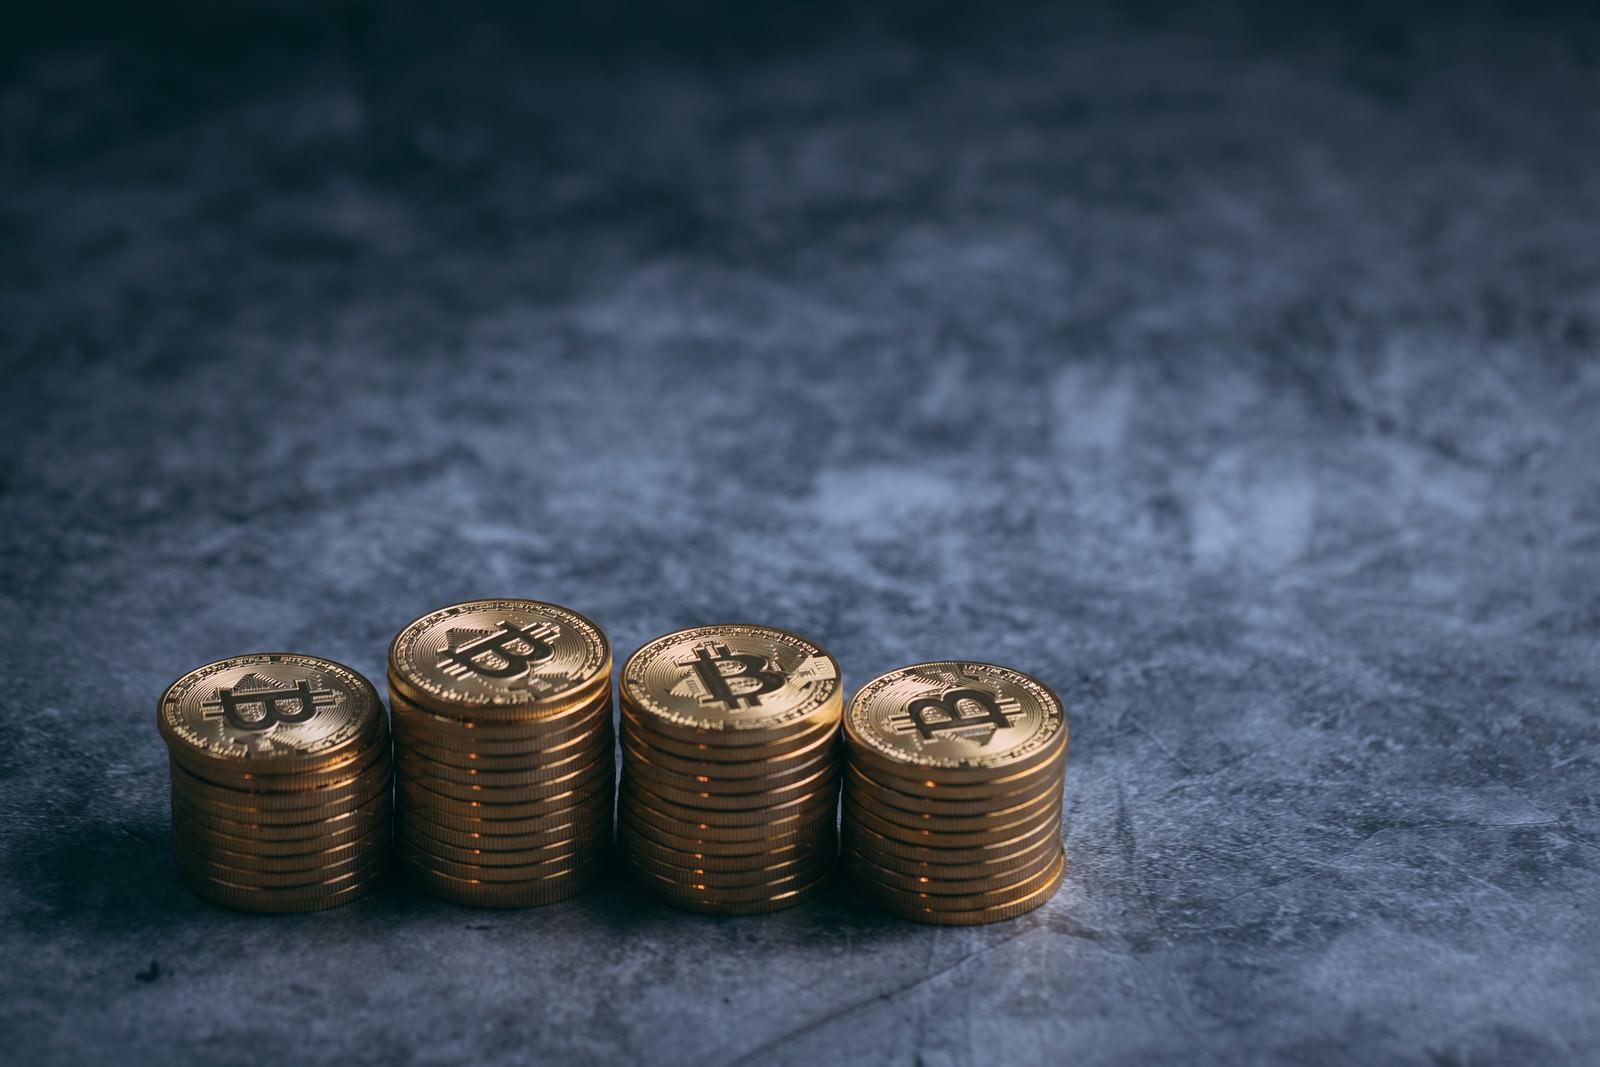 「並列に積み上げた金貨(ビットコイン)」の写真